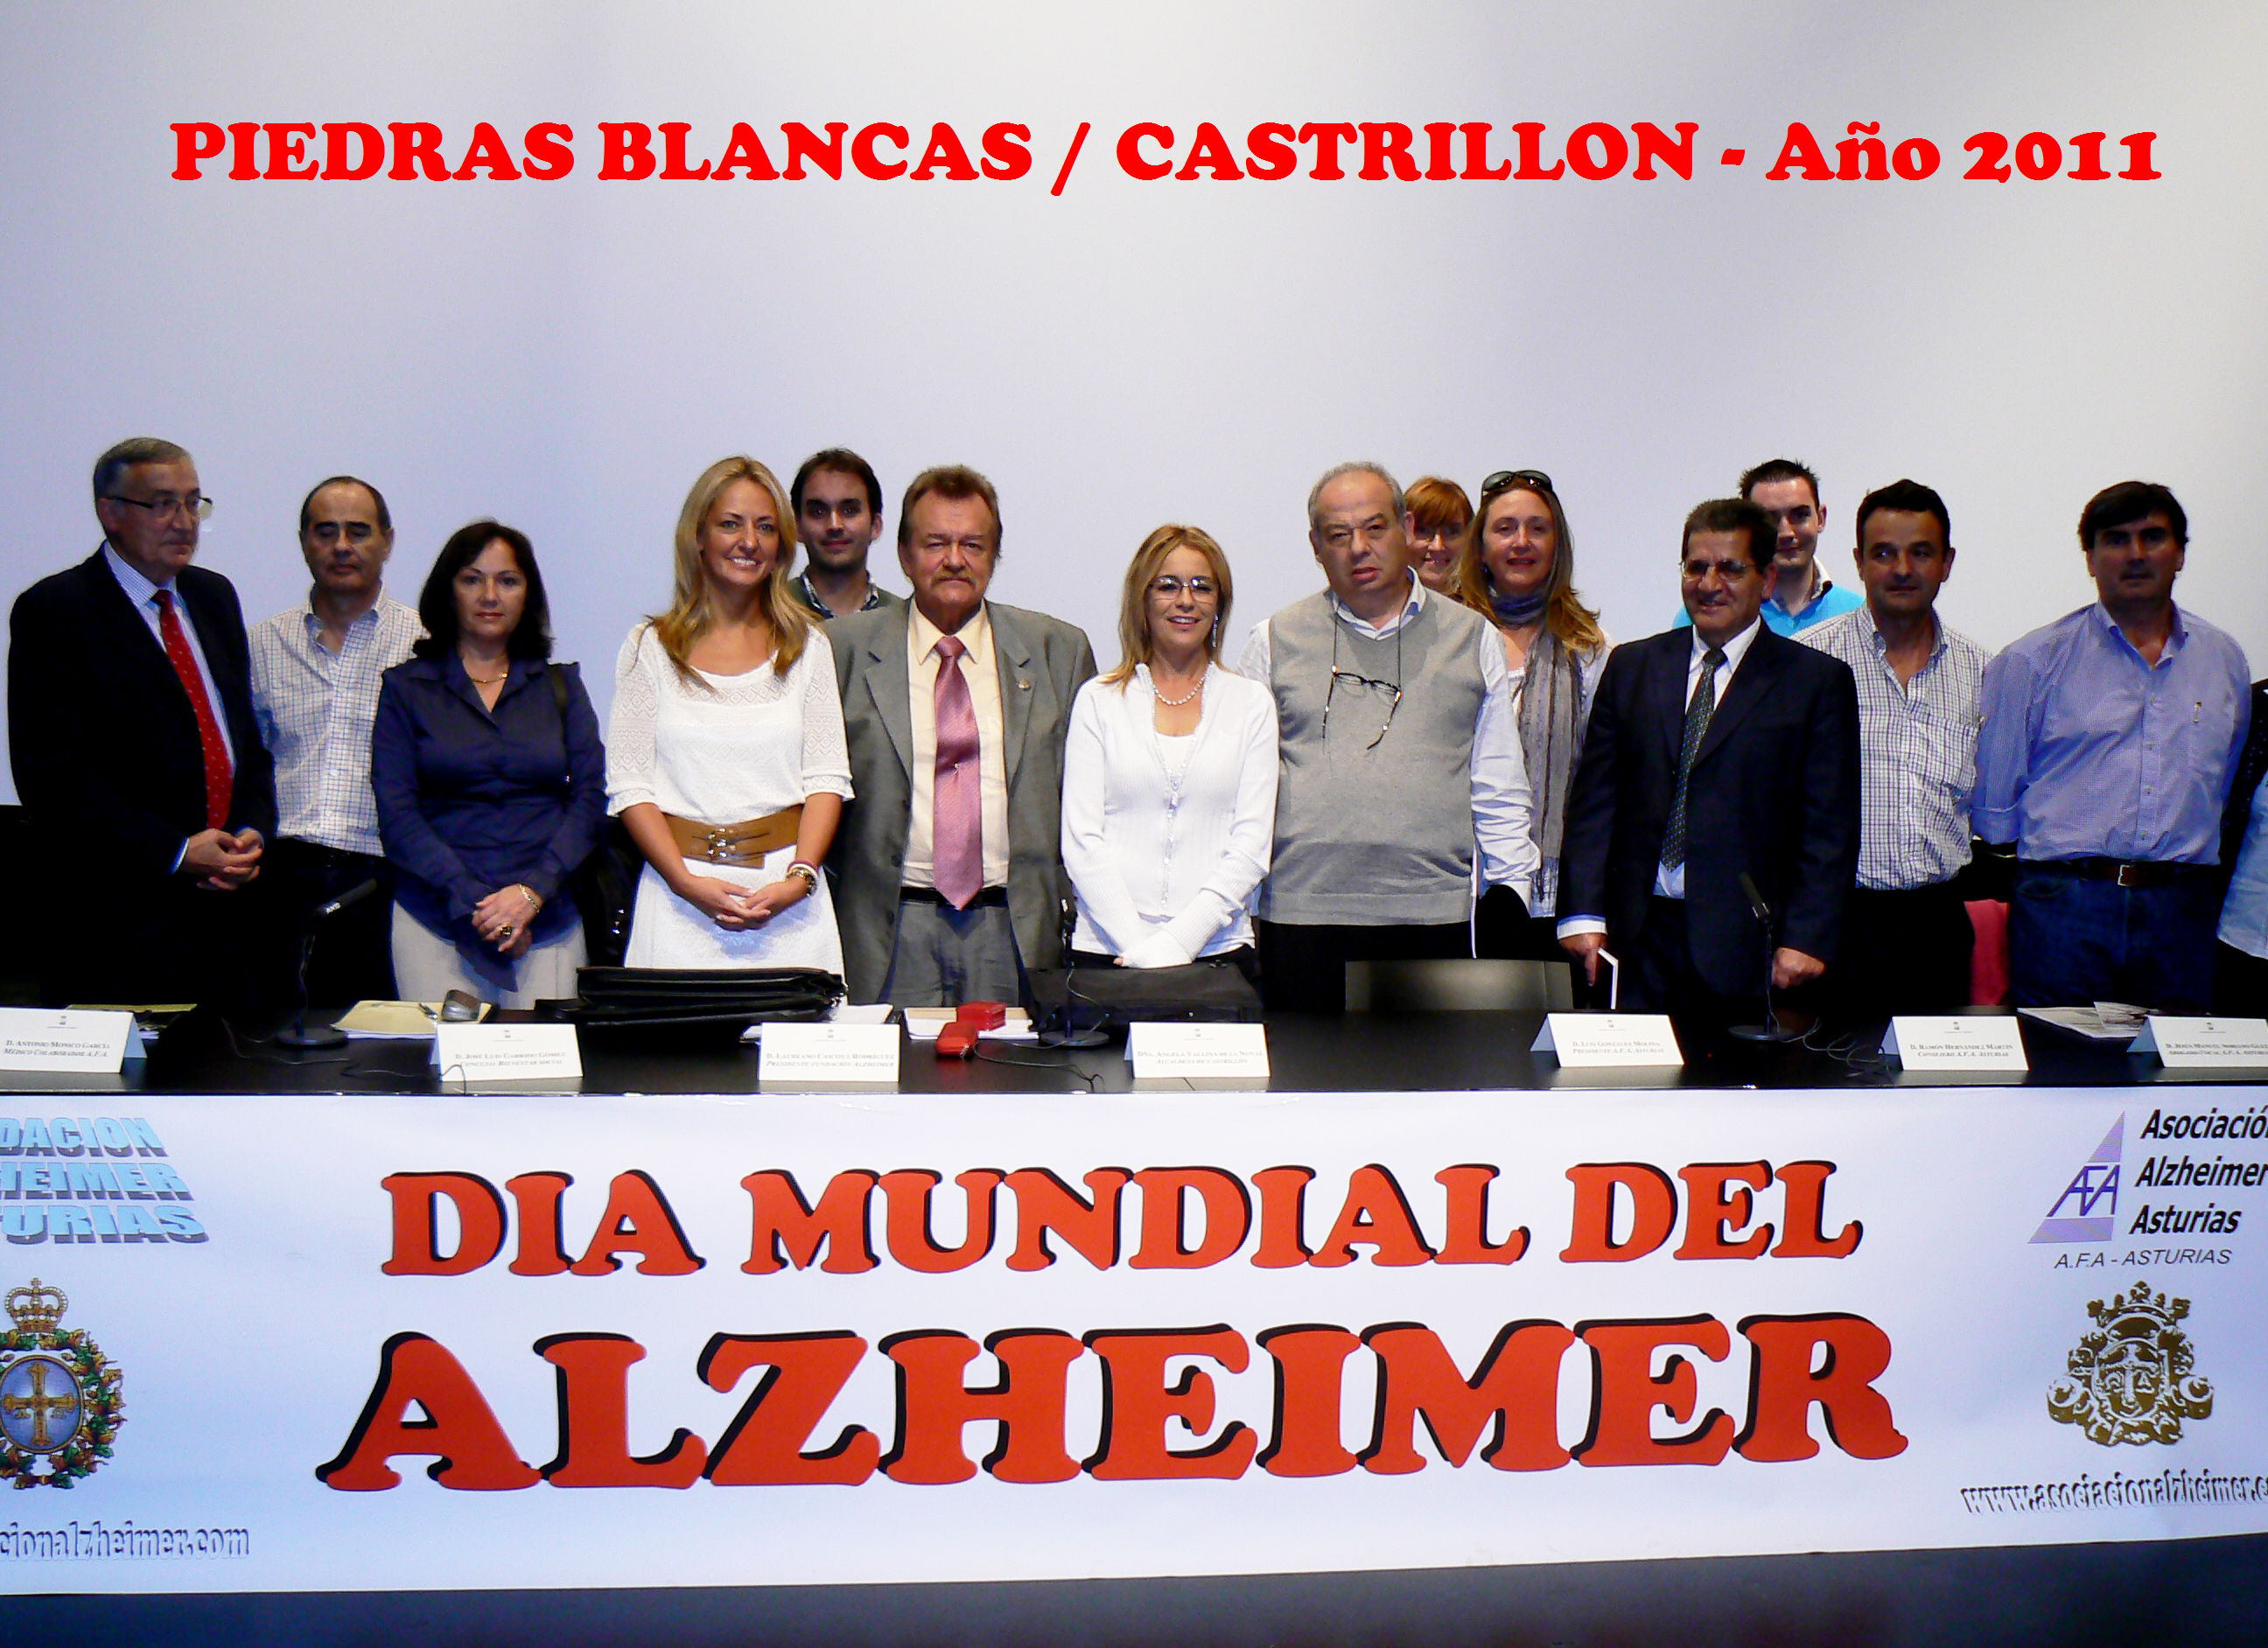 dia-mundial-del-alzheimer-2011